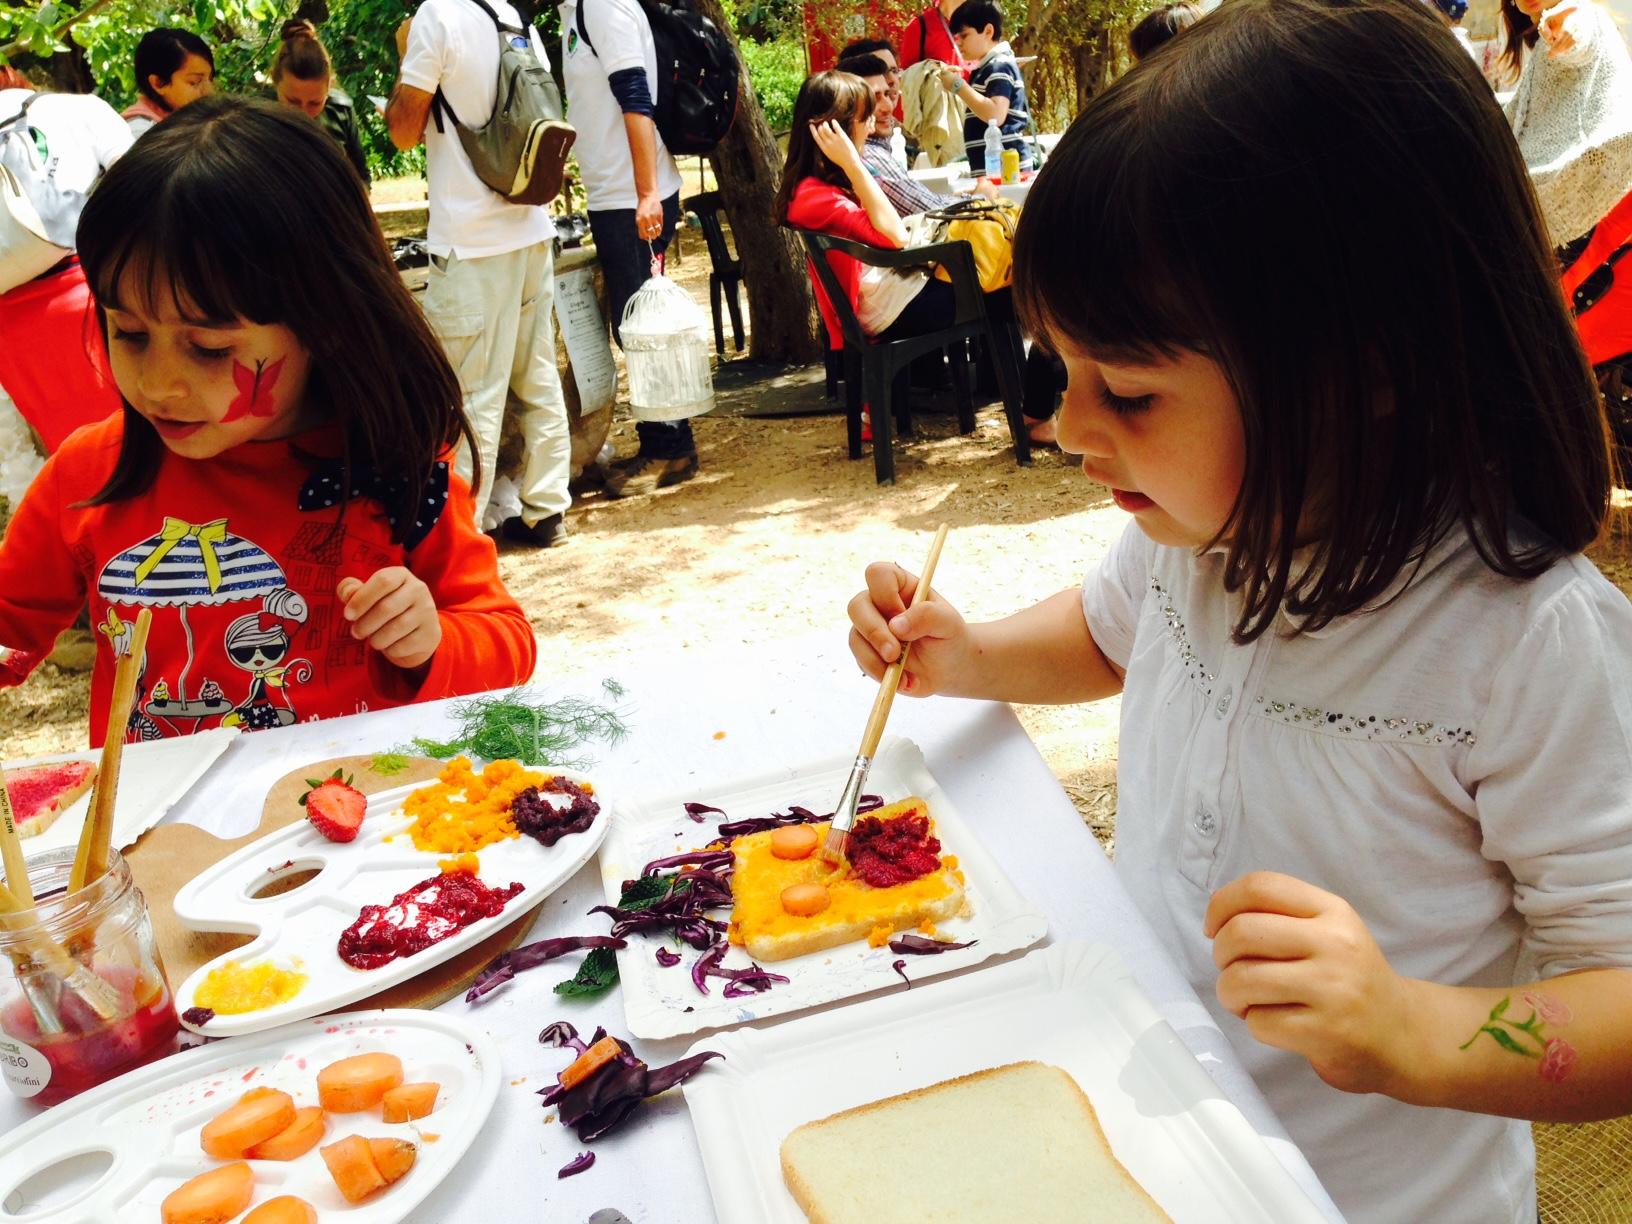 Kidsfoodlab dall 39 orto all 39 arte di bice perrini c o madre natura bari coloribo - Corsi di cucina bari ...